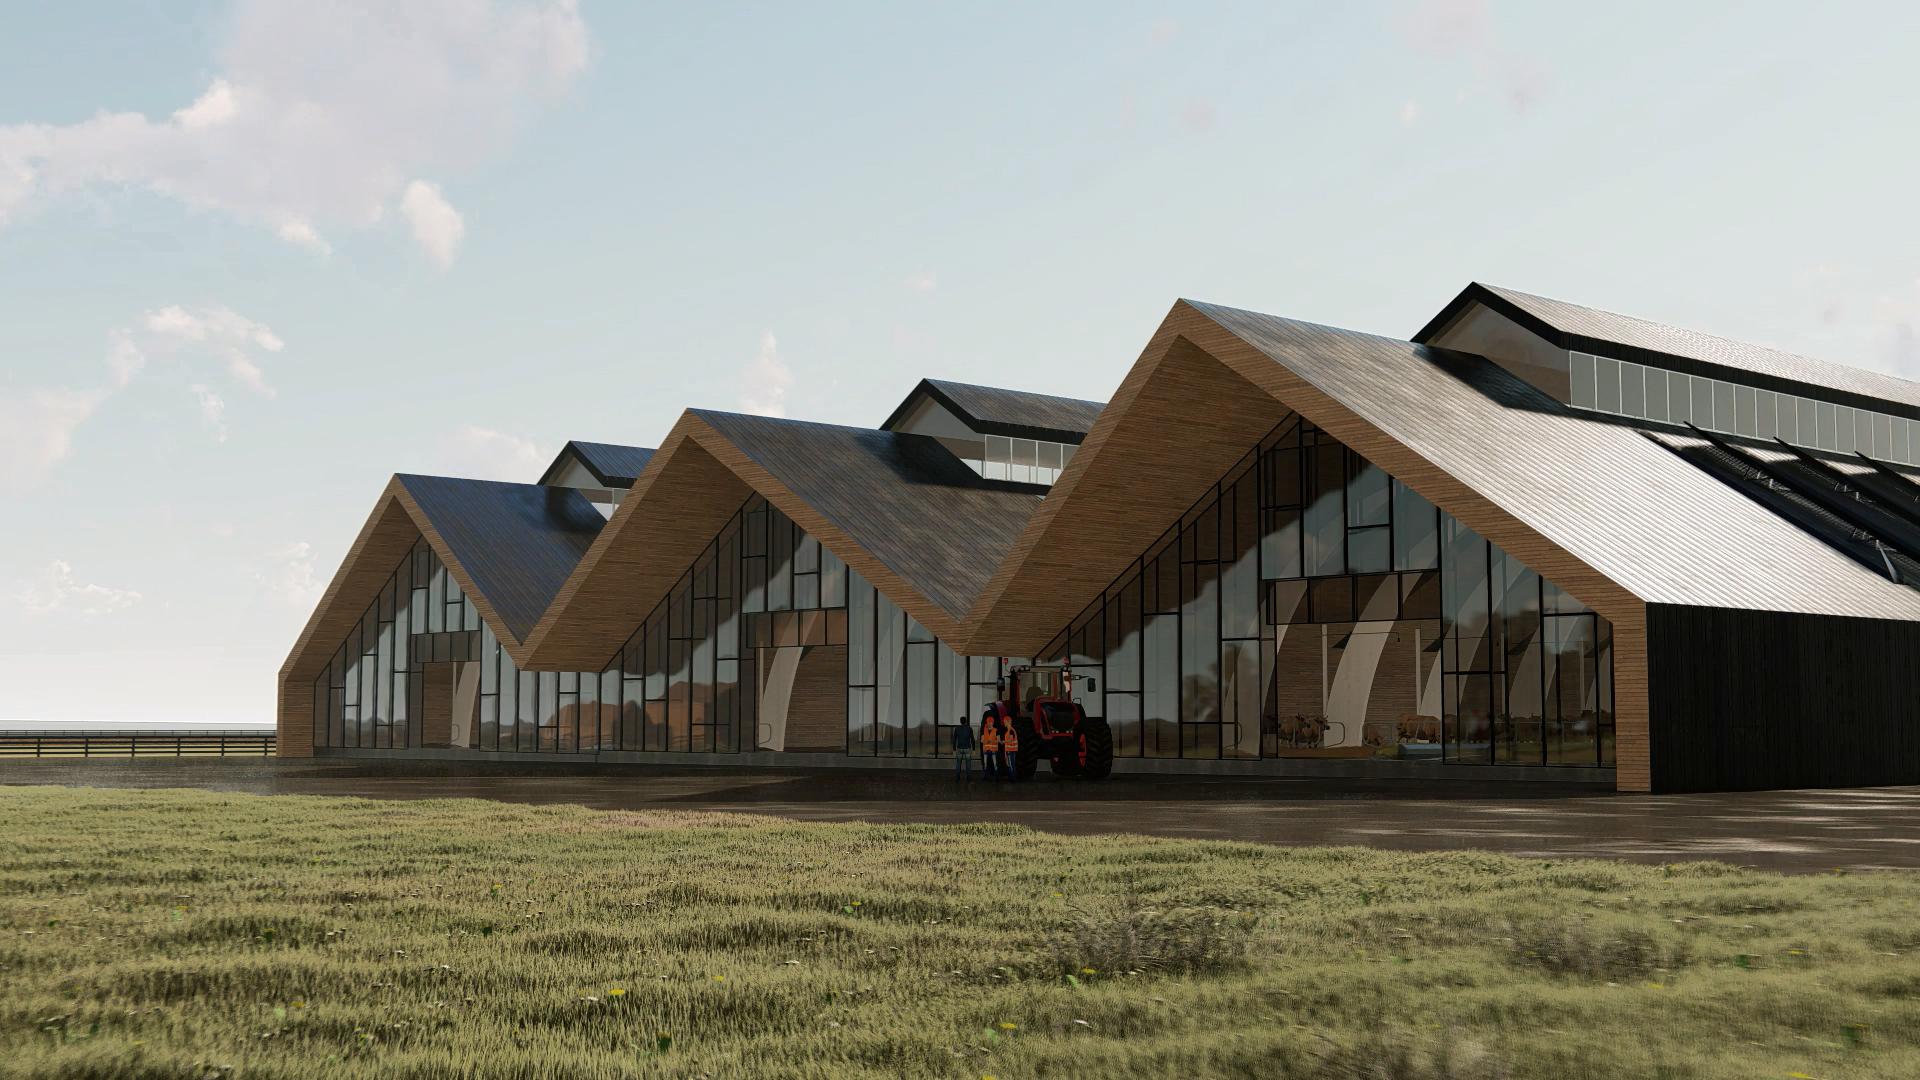 Filletti group построит экоферму будущего. Молдова-2025: осознанное потребление, зеленая энергия, социальная экономика